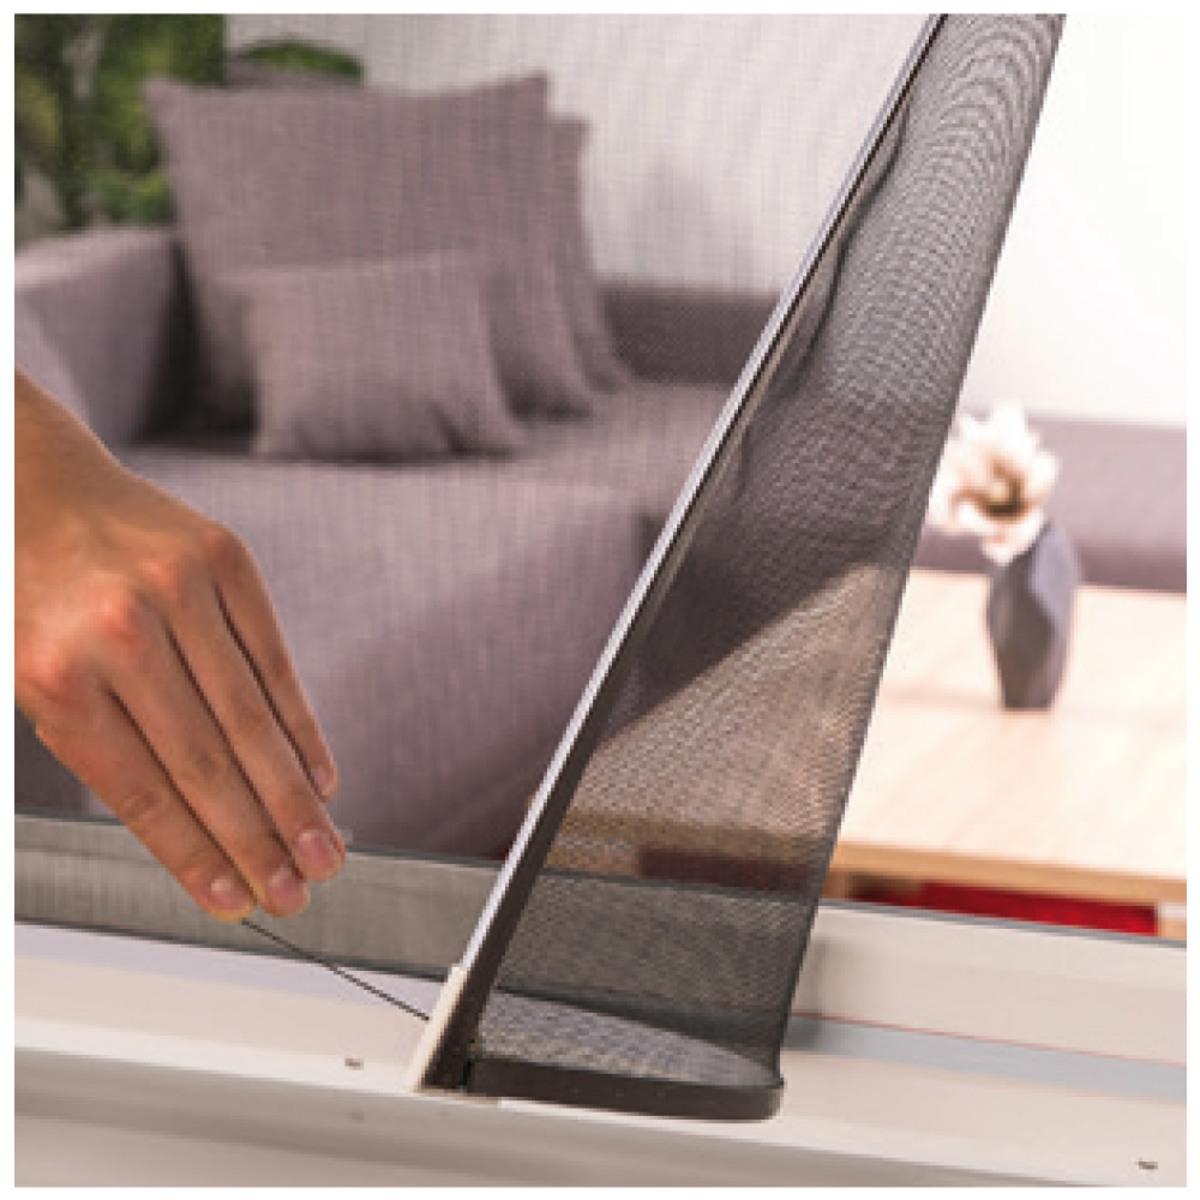 Bild 2 von Hecht Magnet Insektenschutzfenster EASY 100x120 cm weiß